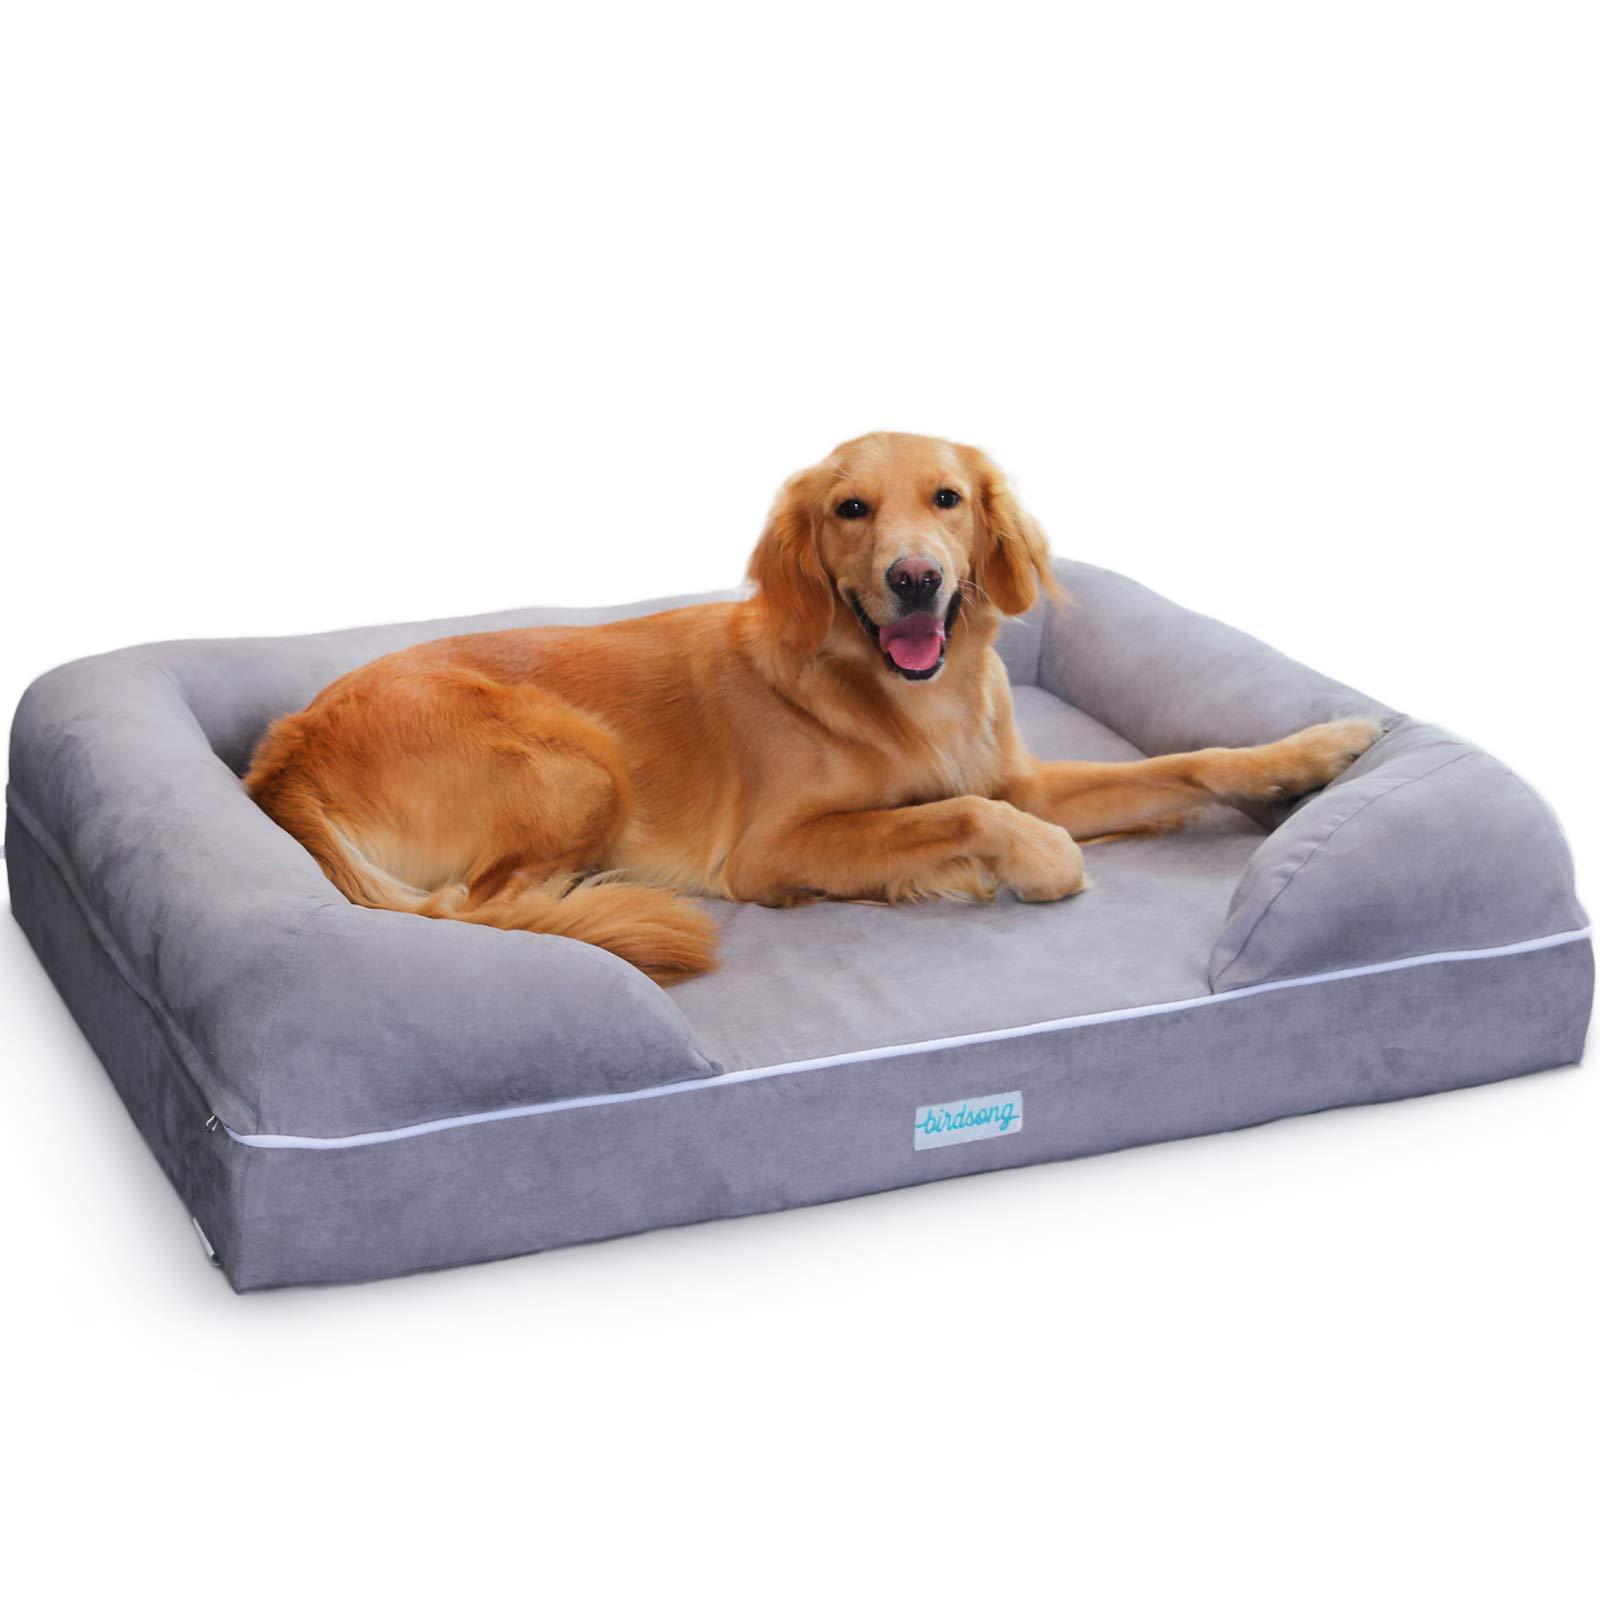 PLS Birdsong Rüya - Large Dog Bed with Triple-Layer Orthopedic Foam, Memory Foam Dog Bed, Extra Large 44'' x 34''